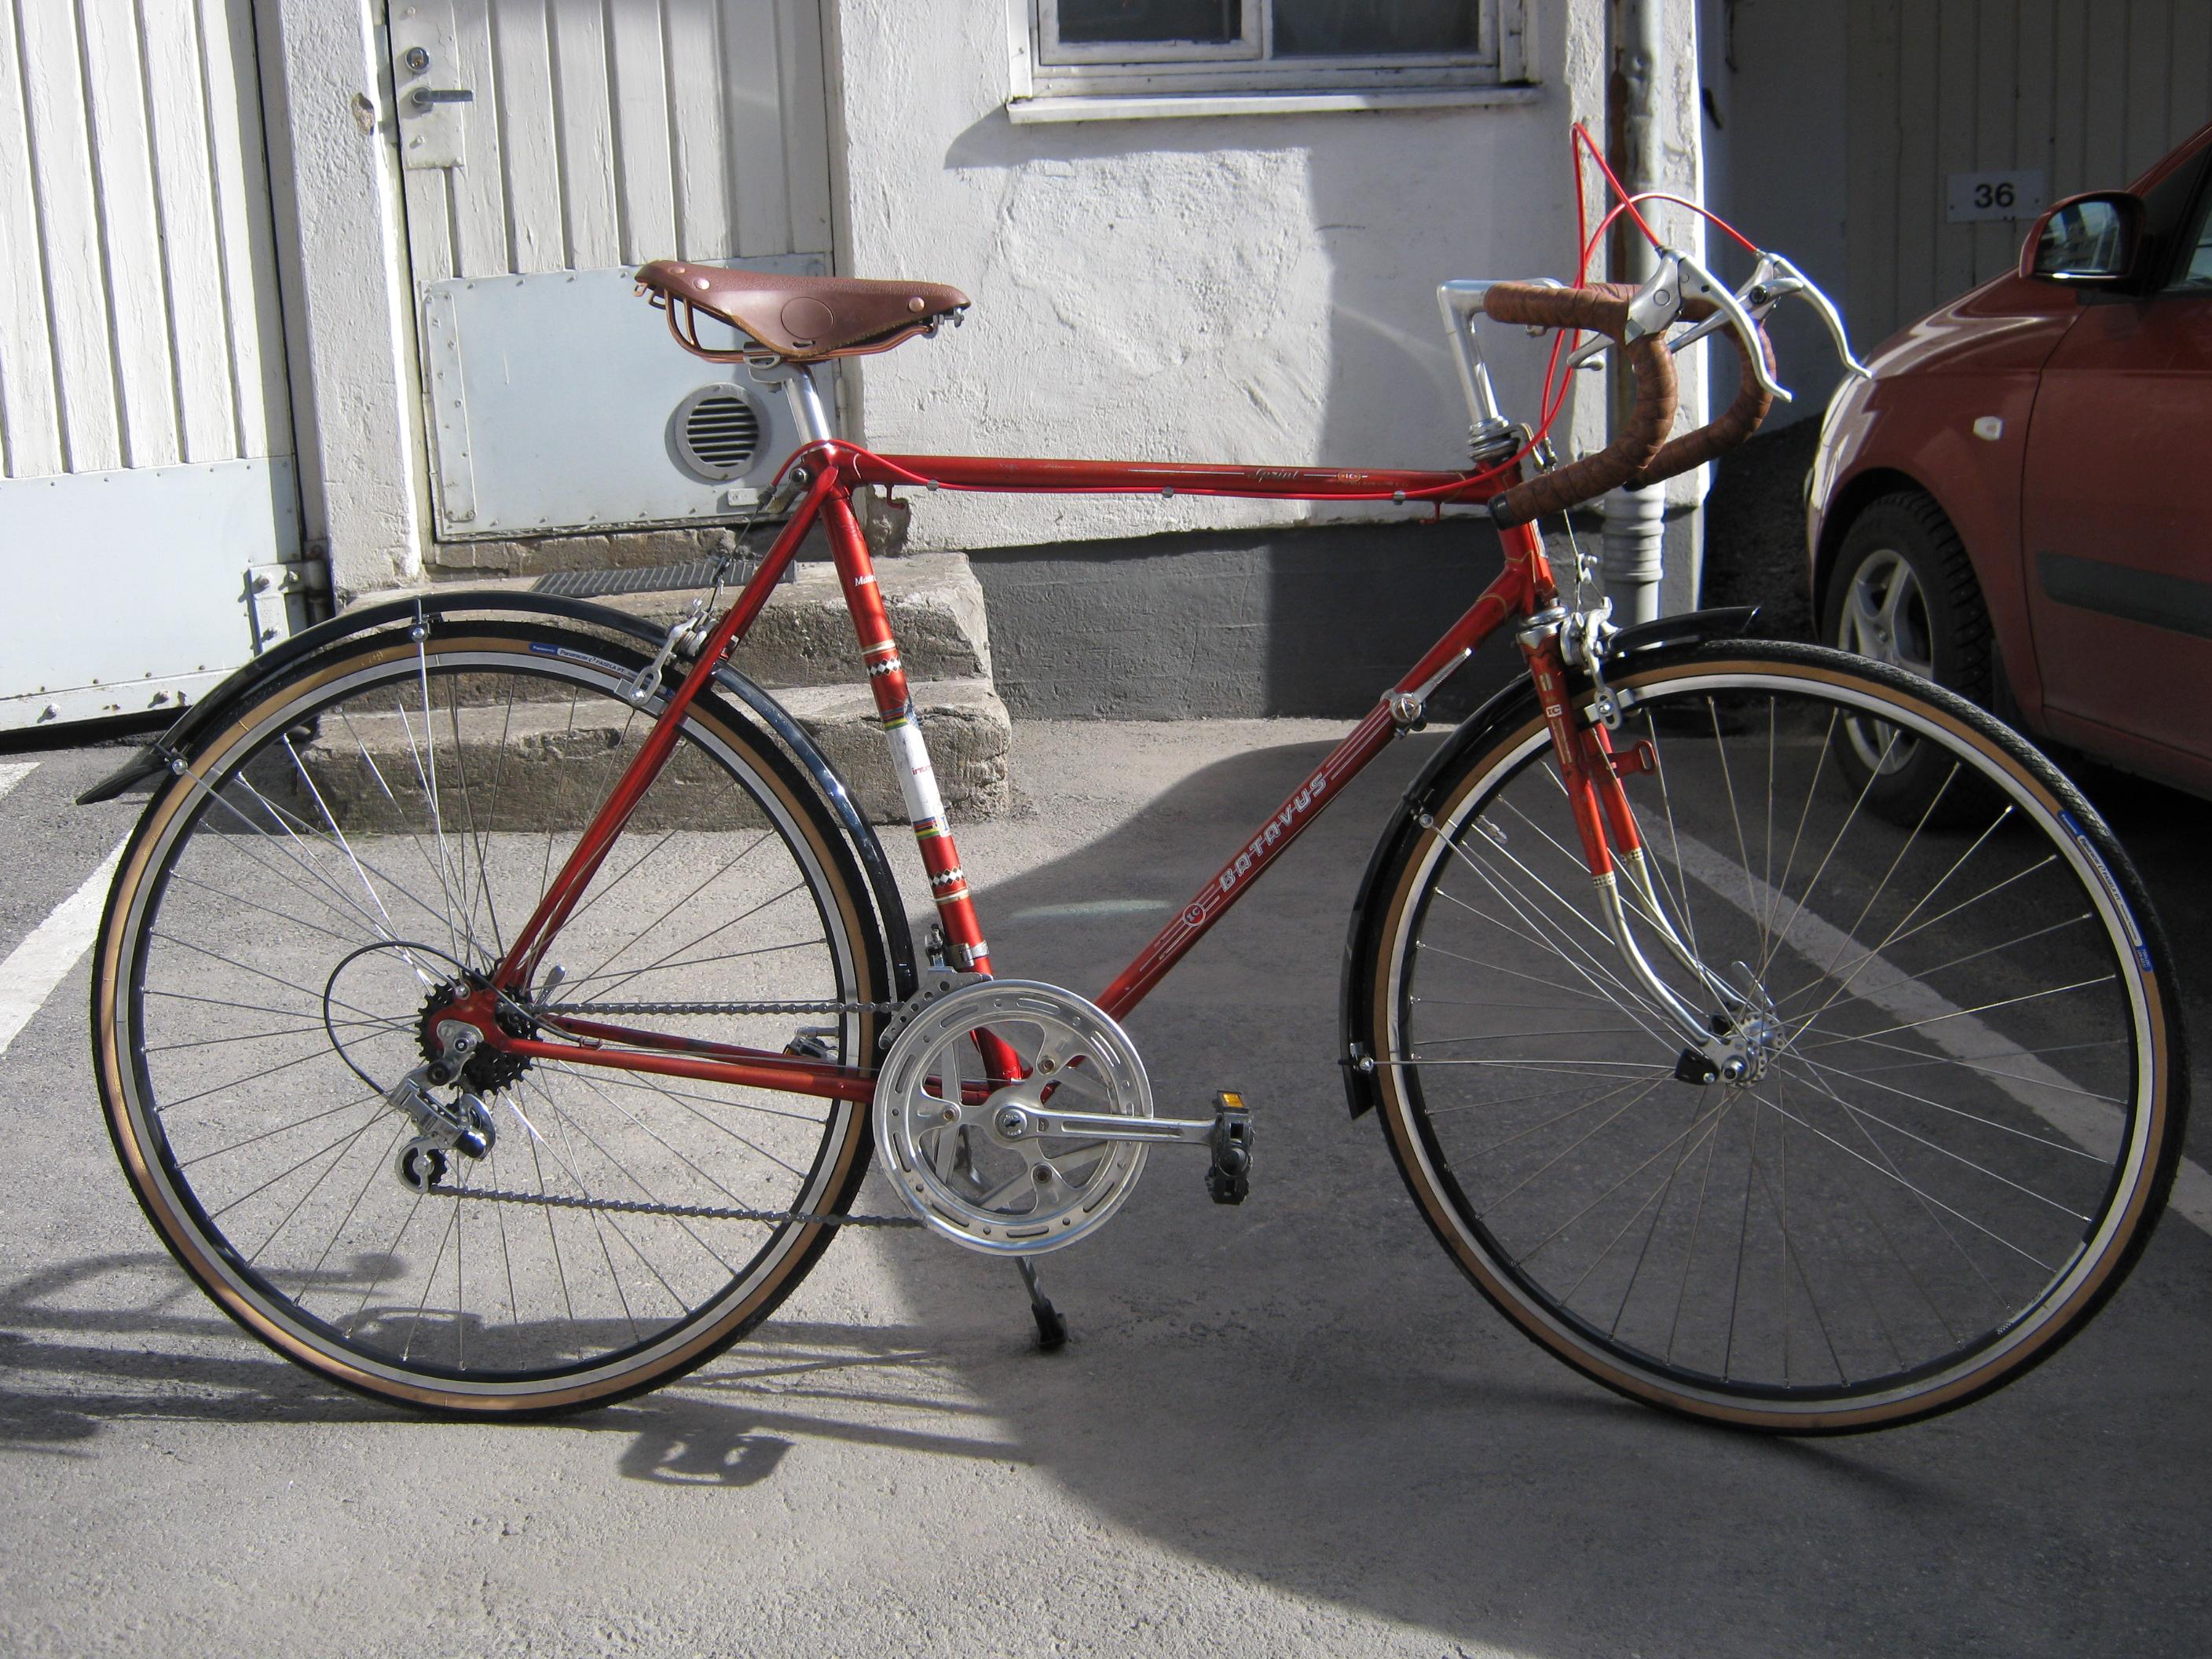 Myydään käytettyjä polkupyöriä